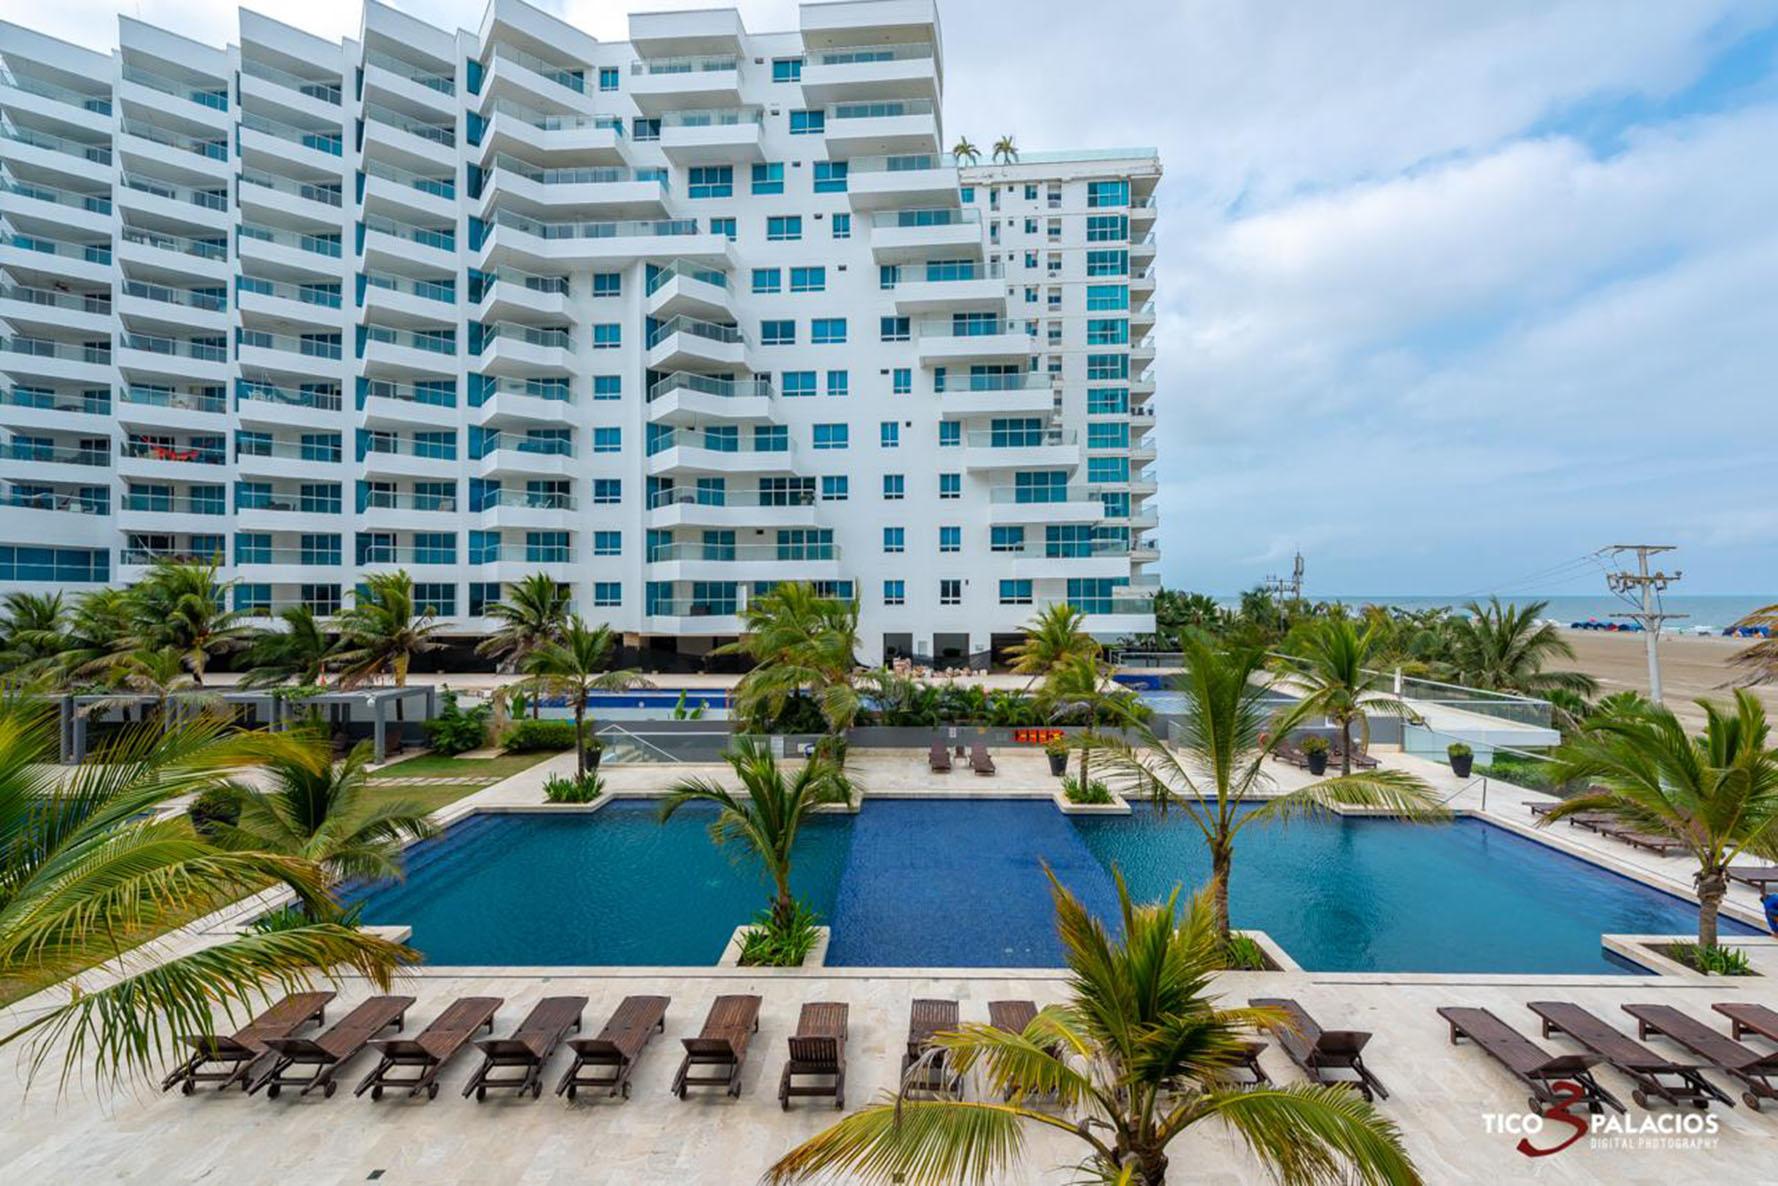 Wohnung in Cartagena direkt am Meer 2me2 Mit Klimaanlage und Wifi